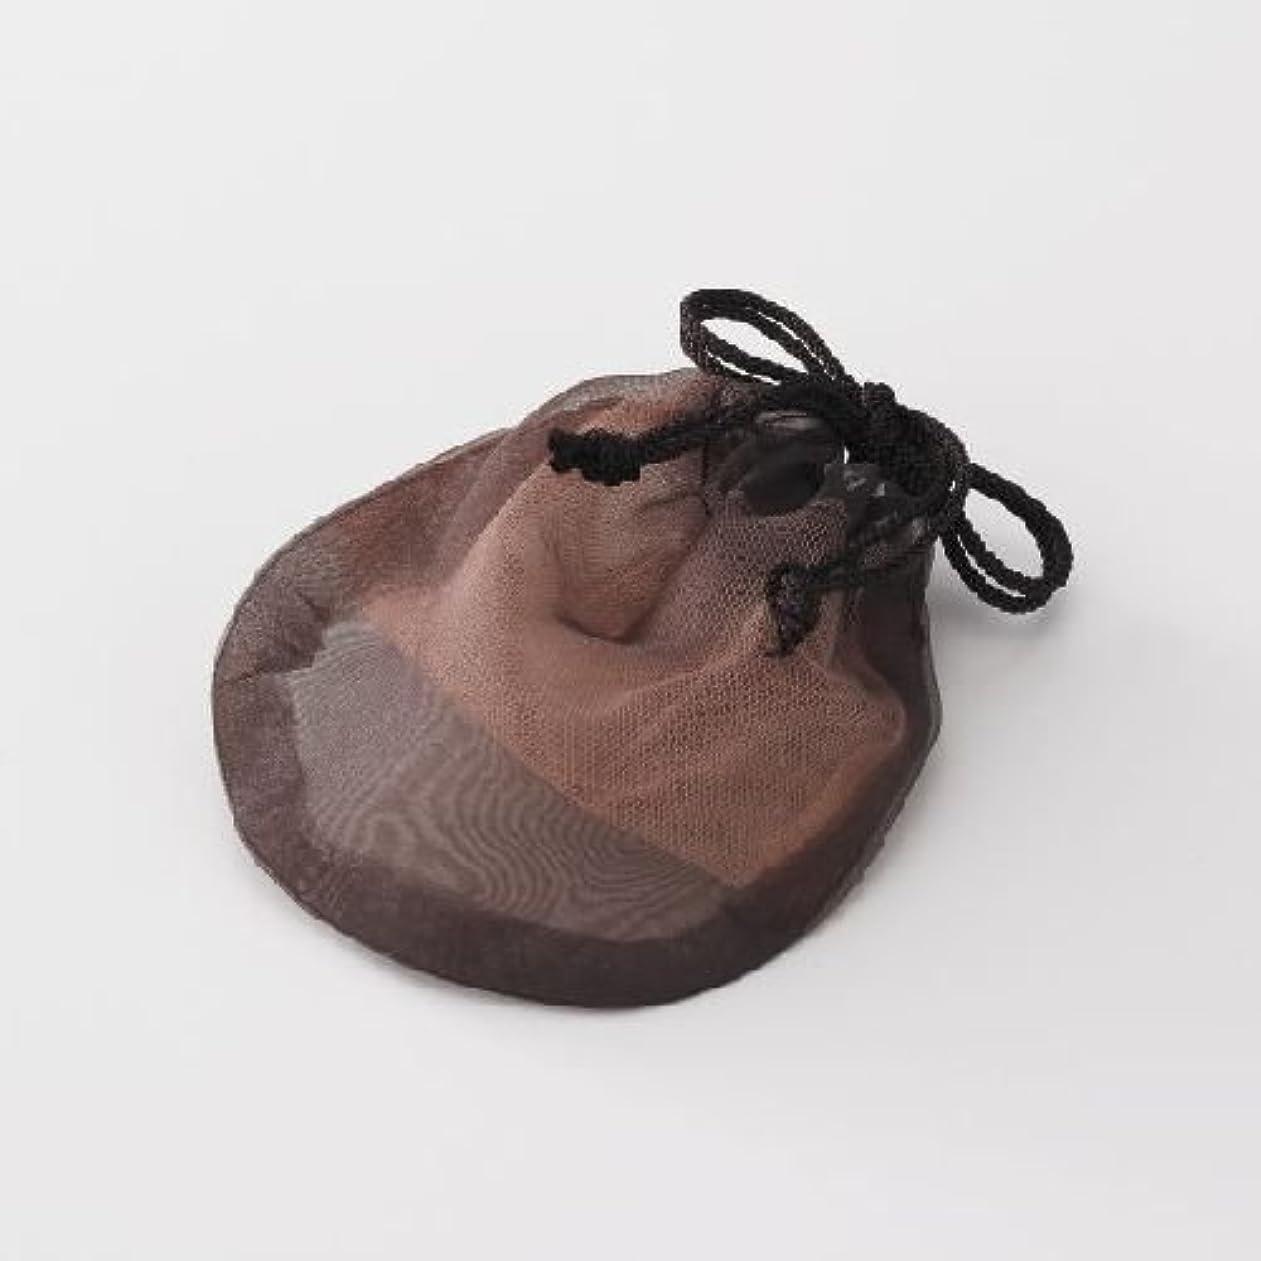 先見の明一節最悪ピギーバックス ソープネット 瞬時にマシュマロのようなお肌に負担をかけないキメ細かな泡をつくることができるオシャレなポーチ型オリジナル【泡だてネット】!衛生的に固形石鹸の保存もできます。